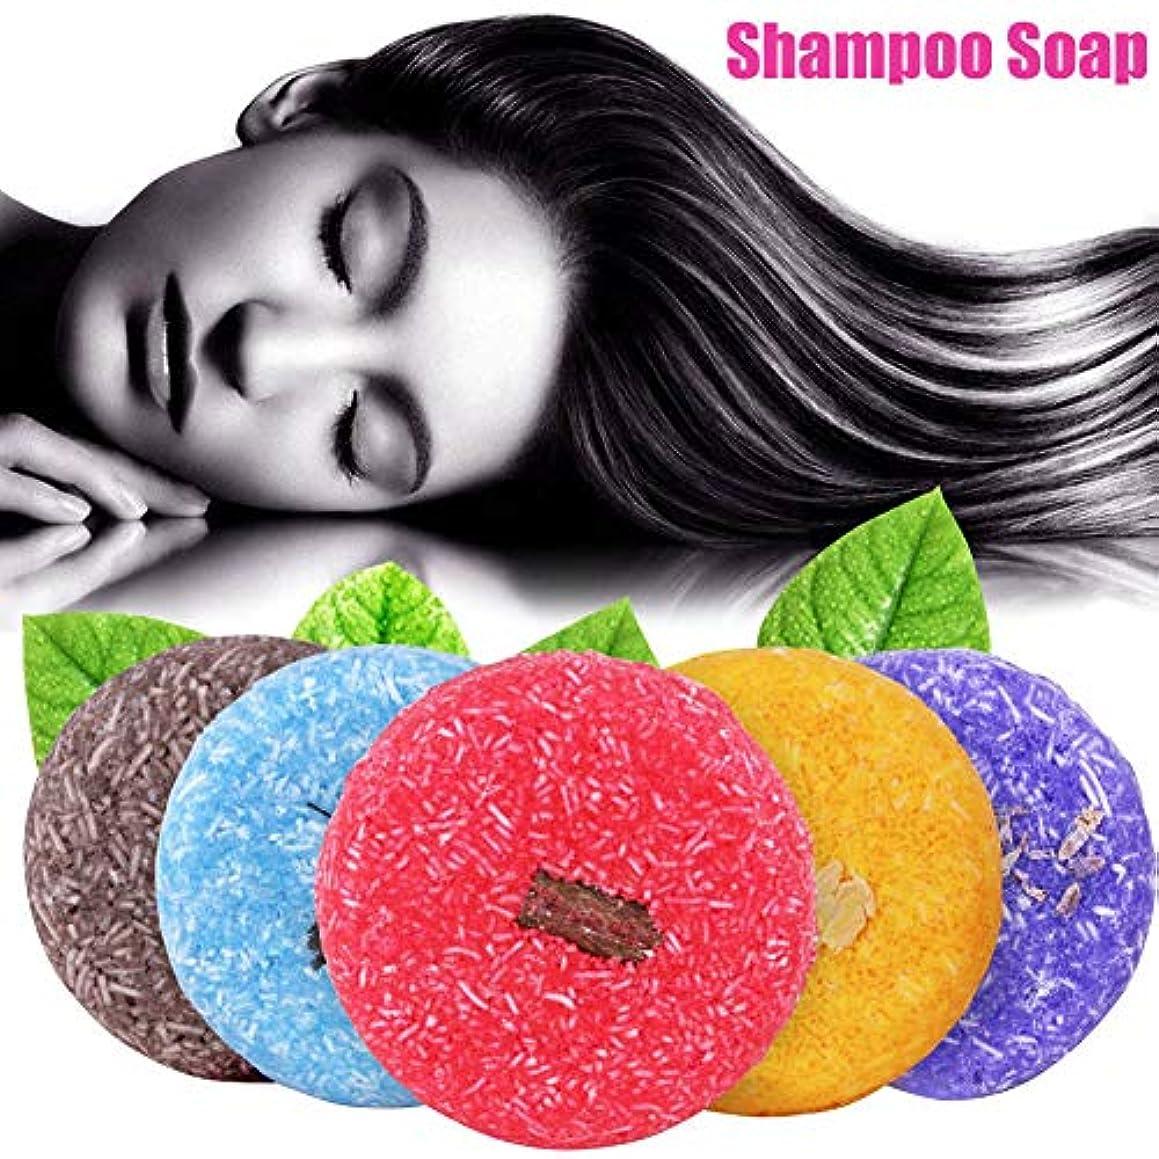 上院議員憧れ慣れる石鹸 - Delaman 洗髪石鹸、シャンプー、頭皮ケア、ビューティ、クリームバー、センシティブマイルド、14種類、男女兼用 (Color : #2シナモン(CINANAMON))